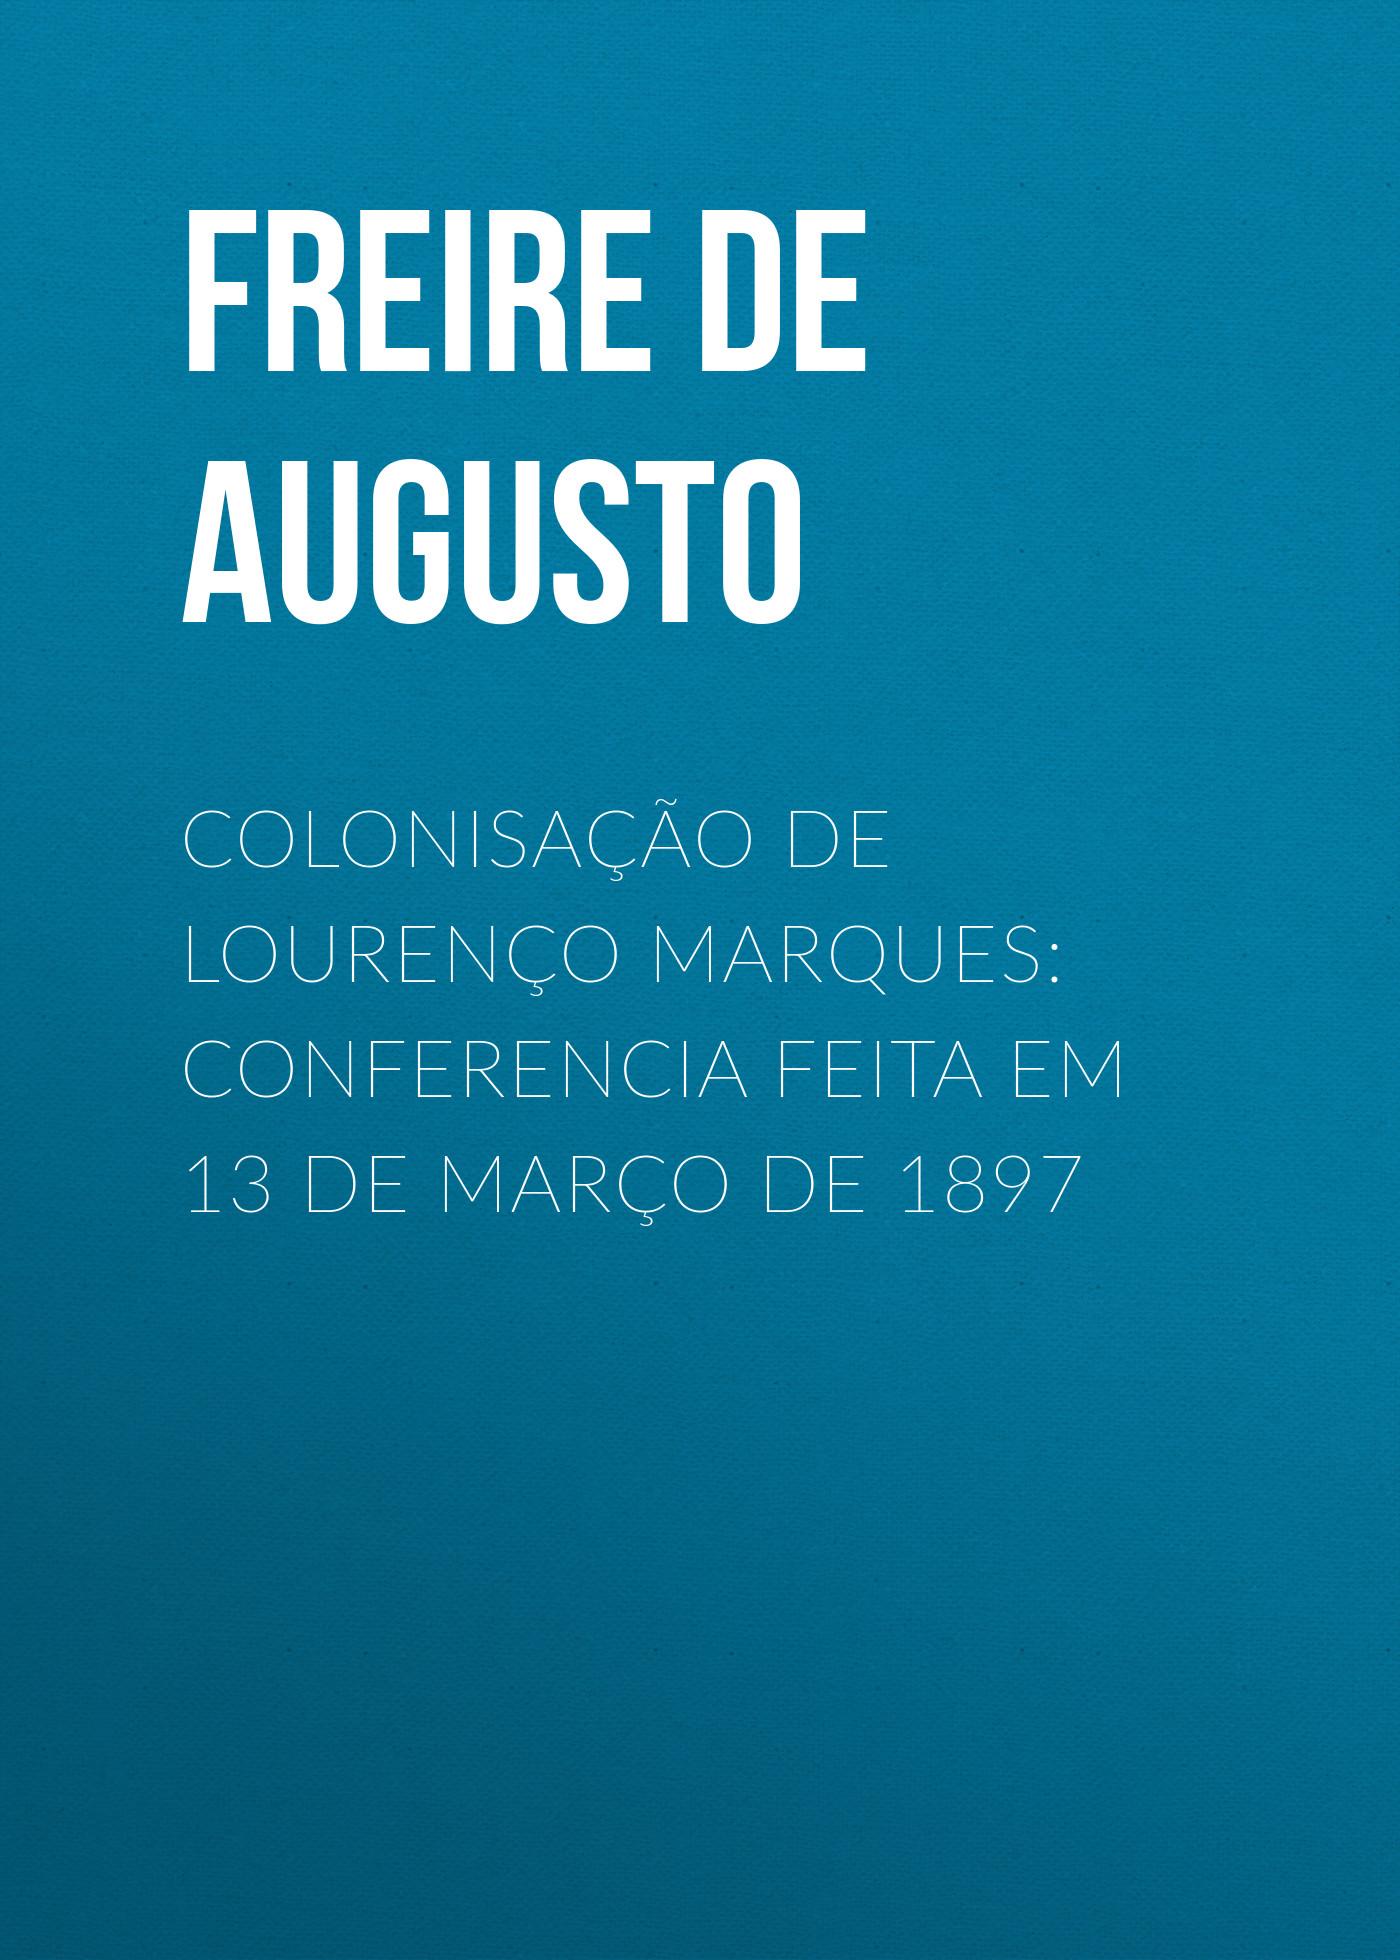 Freire de Andrade Alfredo Augusto Colonisação de Lourenço Marques: Conferencia feita em 13 de março de 1897 freire de andrade alfredo augusto colonisação de lourenço marques conferencia feita em 13 de março de 1897